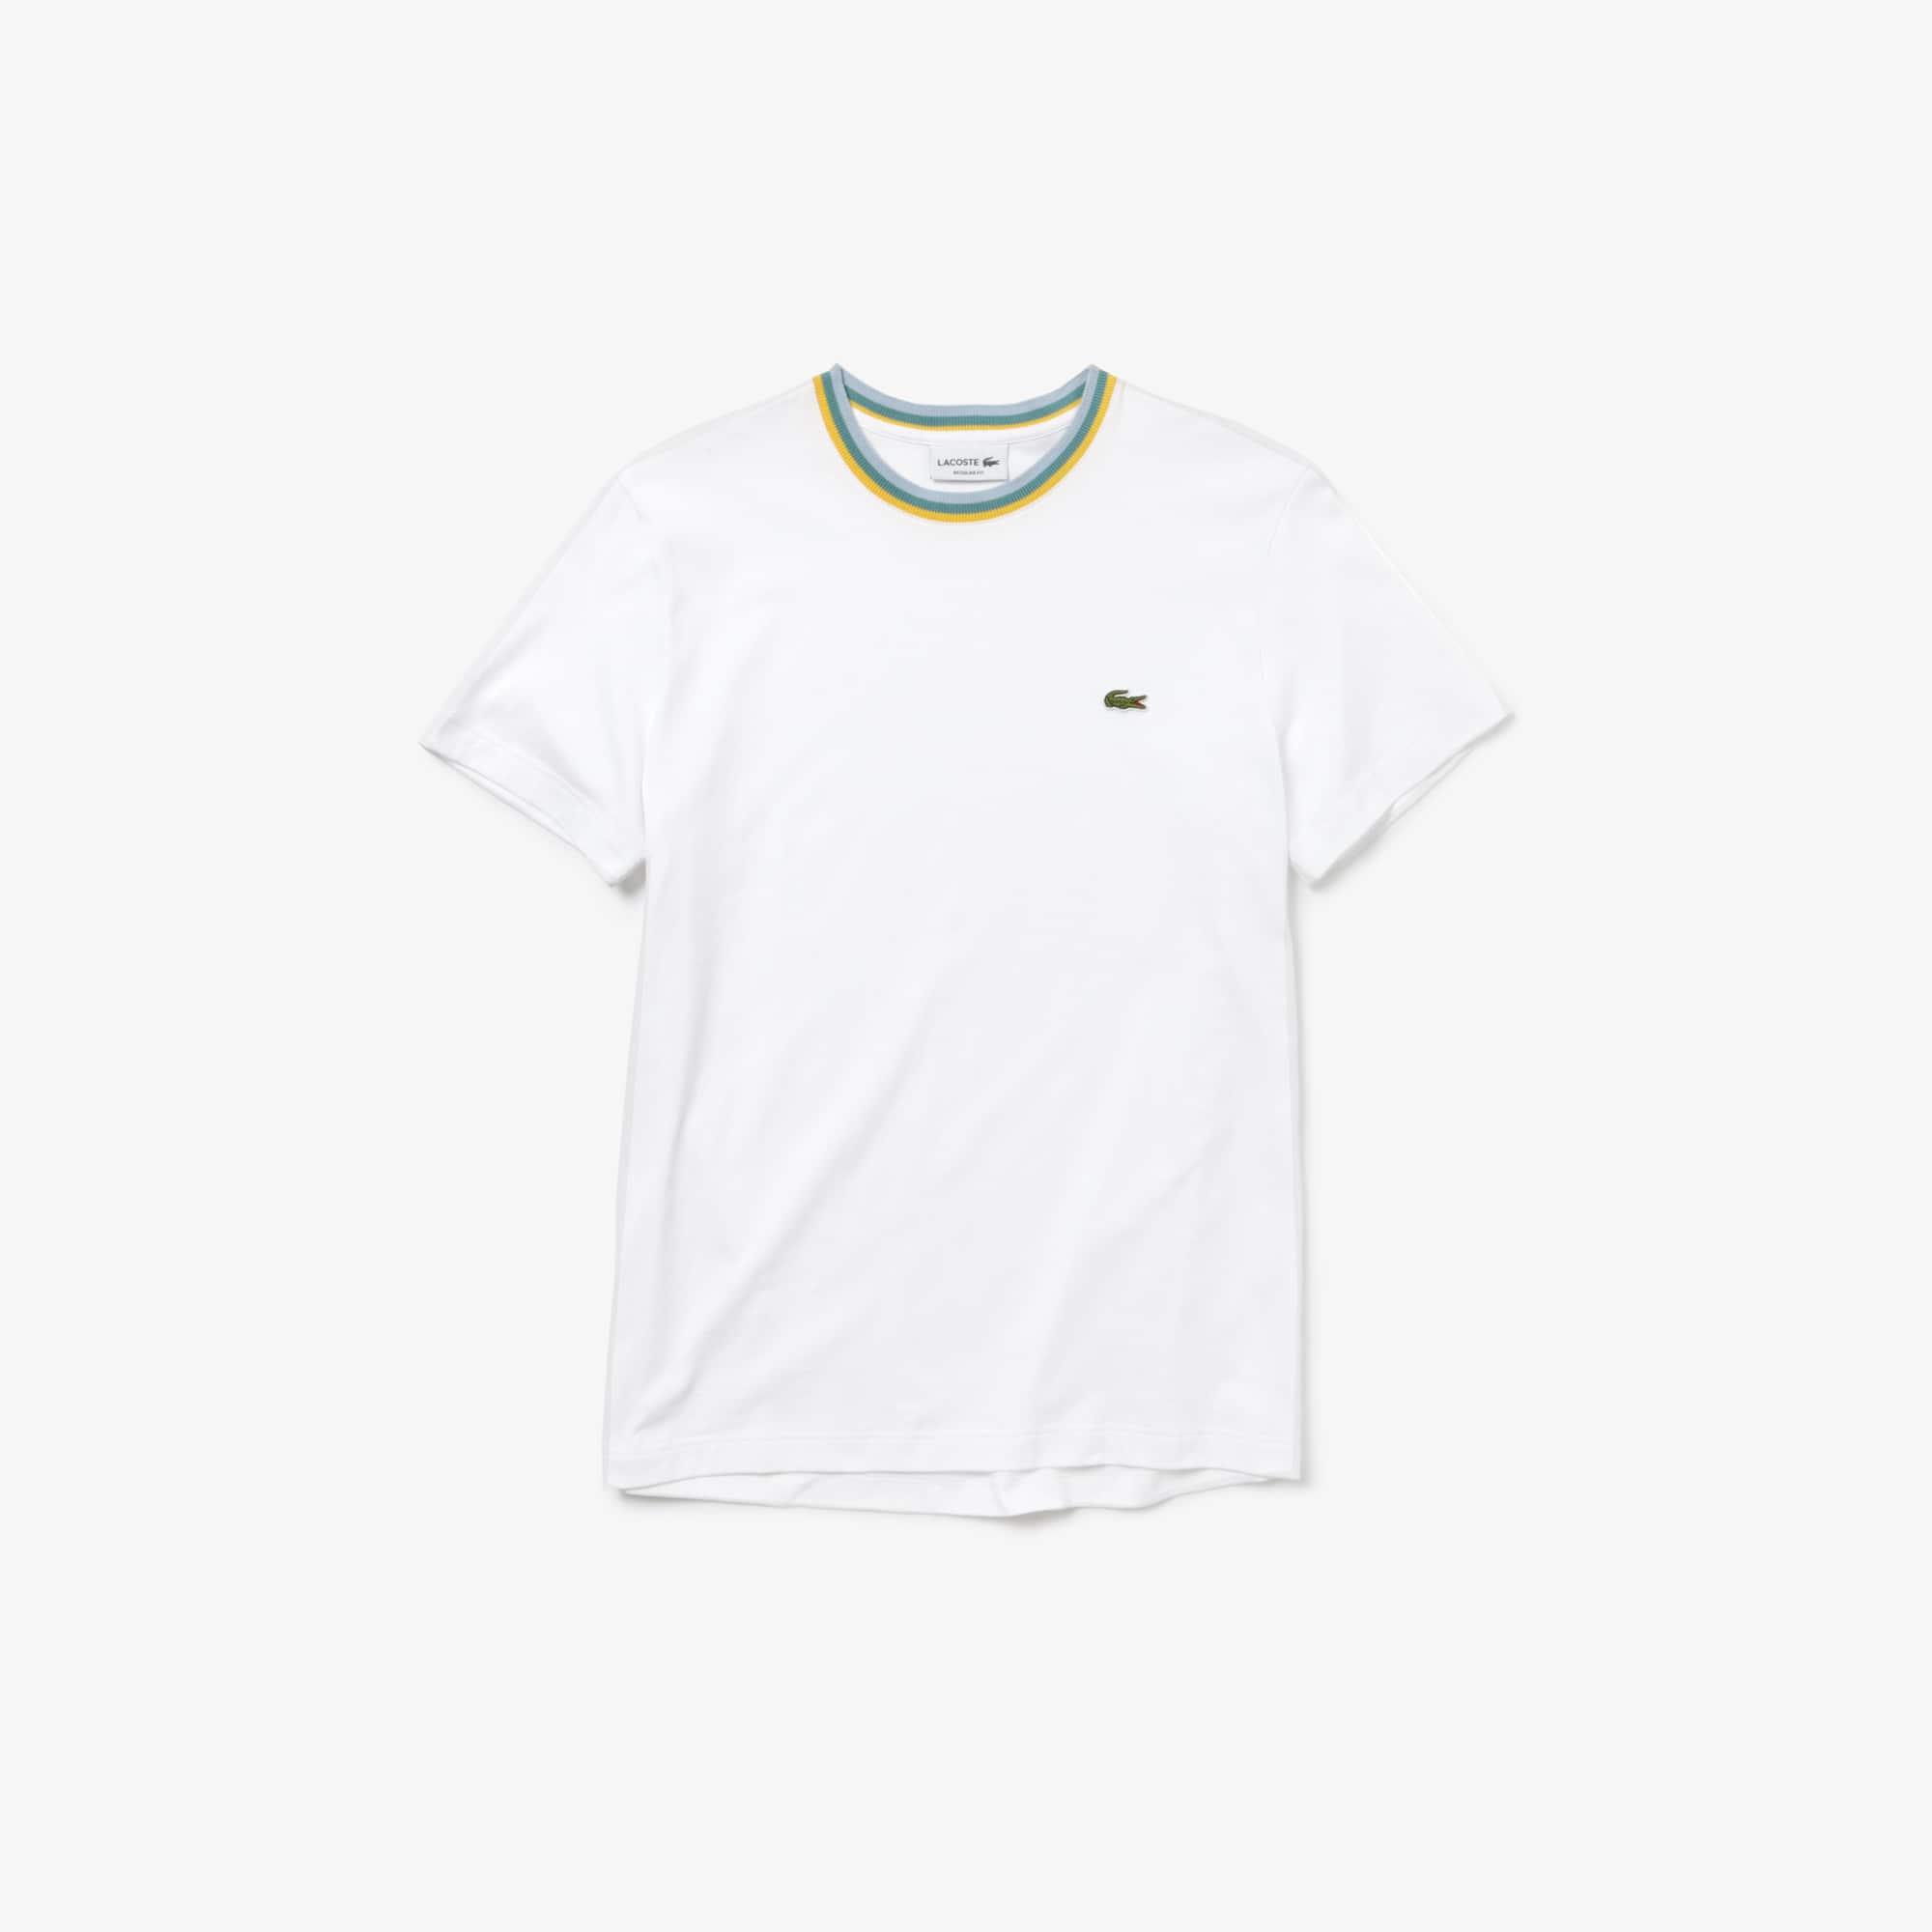 afa0c63a00be New. Men s Crew Neck Cotton T-shirt